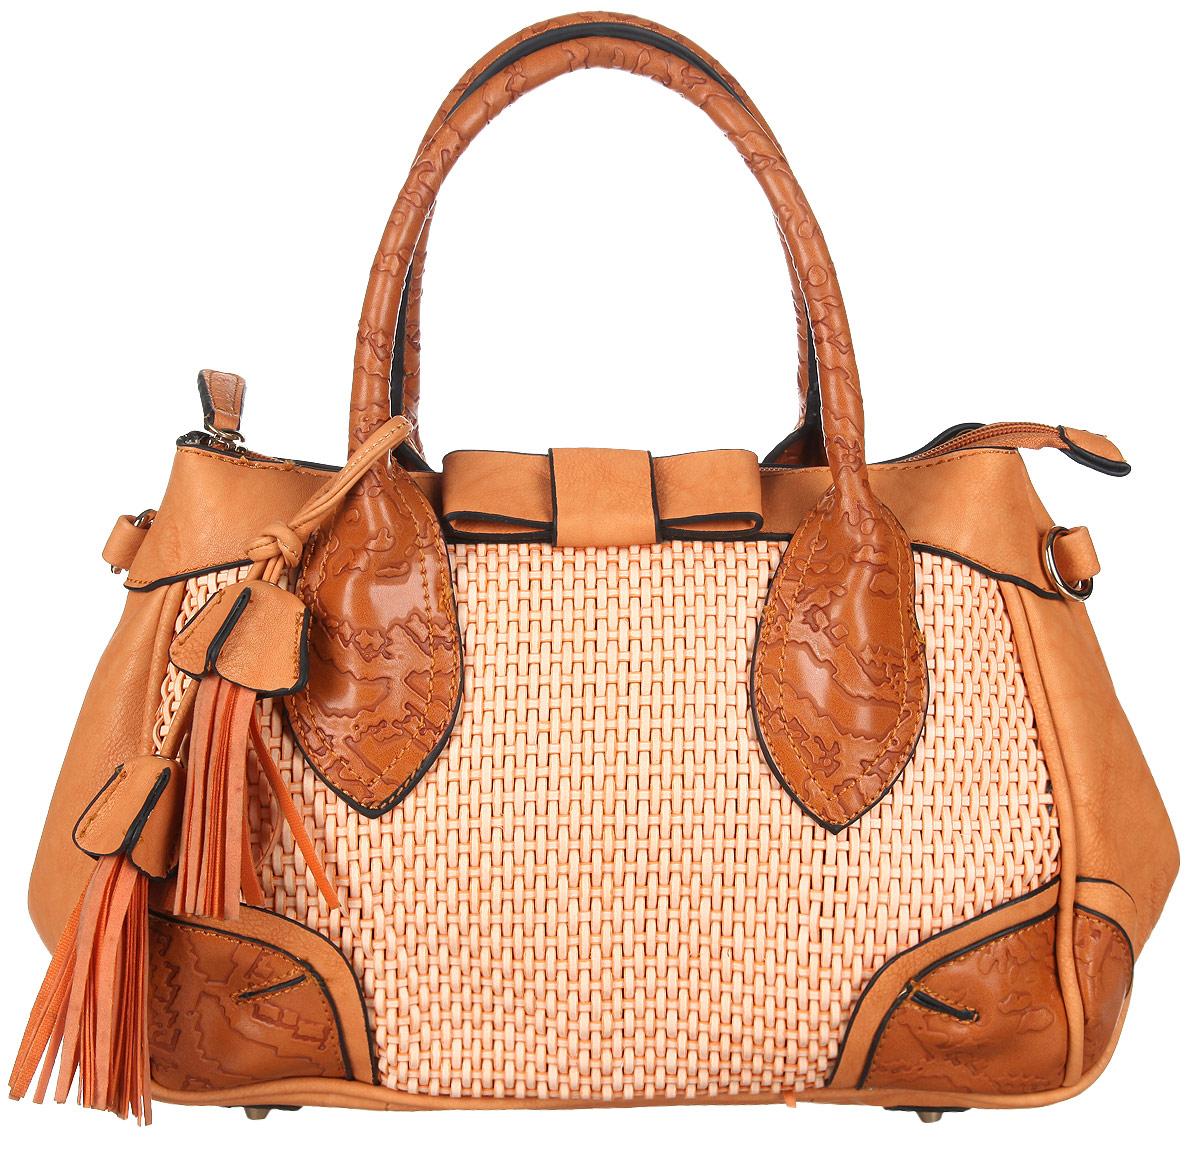 Сумка женская Orsa Oro, цвет: оранжевый. DK-329/11ML597BUL/DСтильная женская сумка Orsa Oro выполнена из искусственной кожи, оформлена оригинальной подвеской, фактурным тиснением и вставкой из искусственной кожи с декоративным плетением.Изделие содержит одно отделение, которое закрывается на молнию. Внутри расположены: два накладных кармашка для мелочей и врезной карман на молнии. Сумка оснащена съемным плечевым ремнем регулируемой длины, а также двумя практичными ручками. Дно сумки дополнено металлическими ножками.Оригинальный аксессуар позволит вам завершить образ и быть неотразимой.